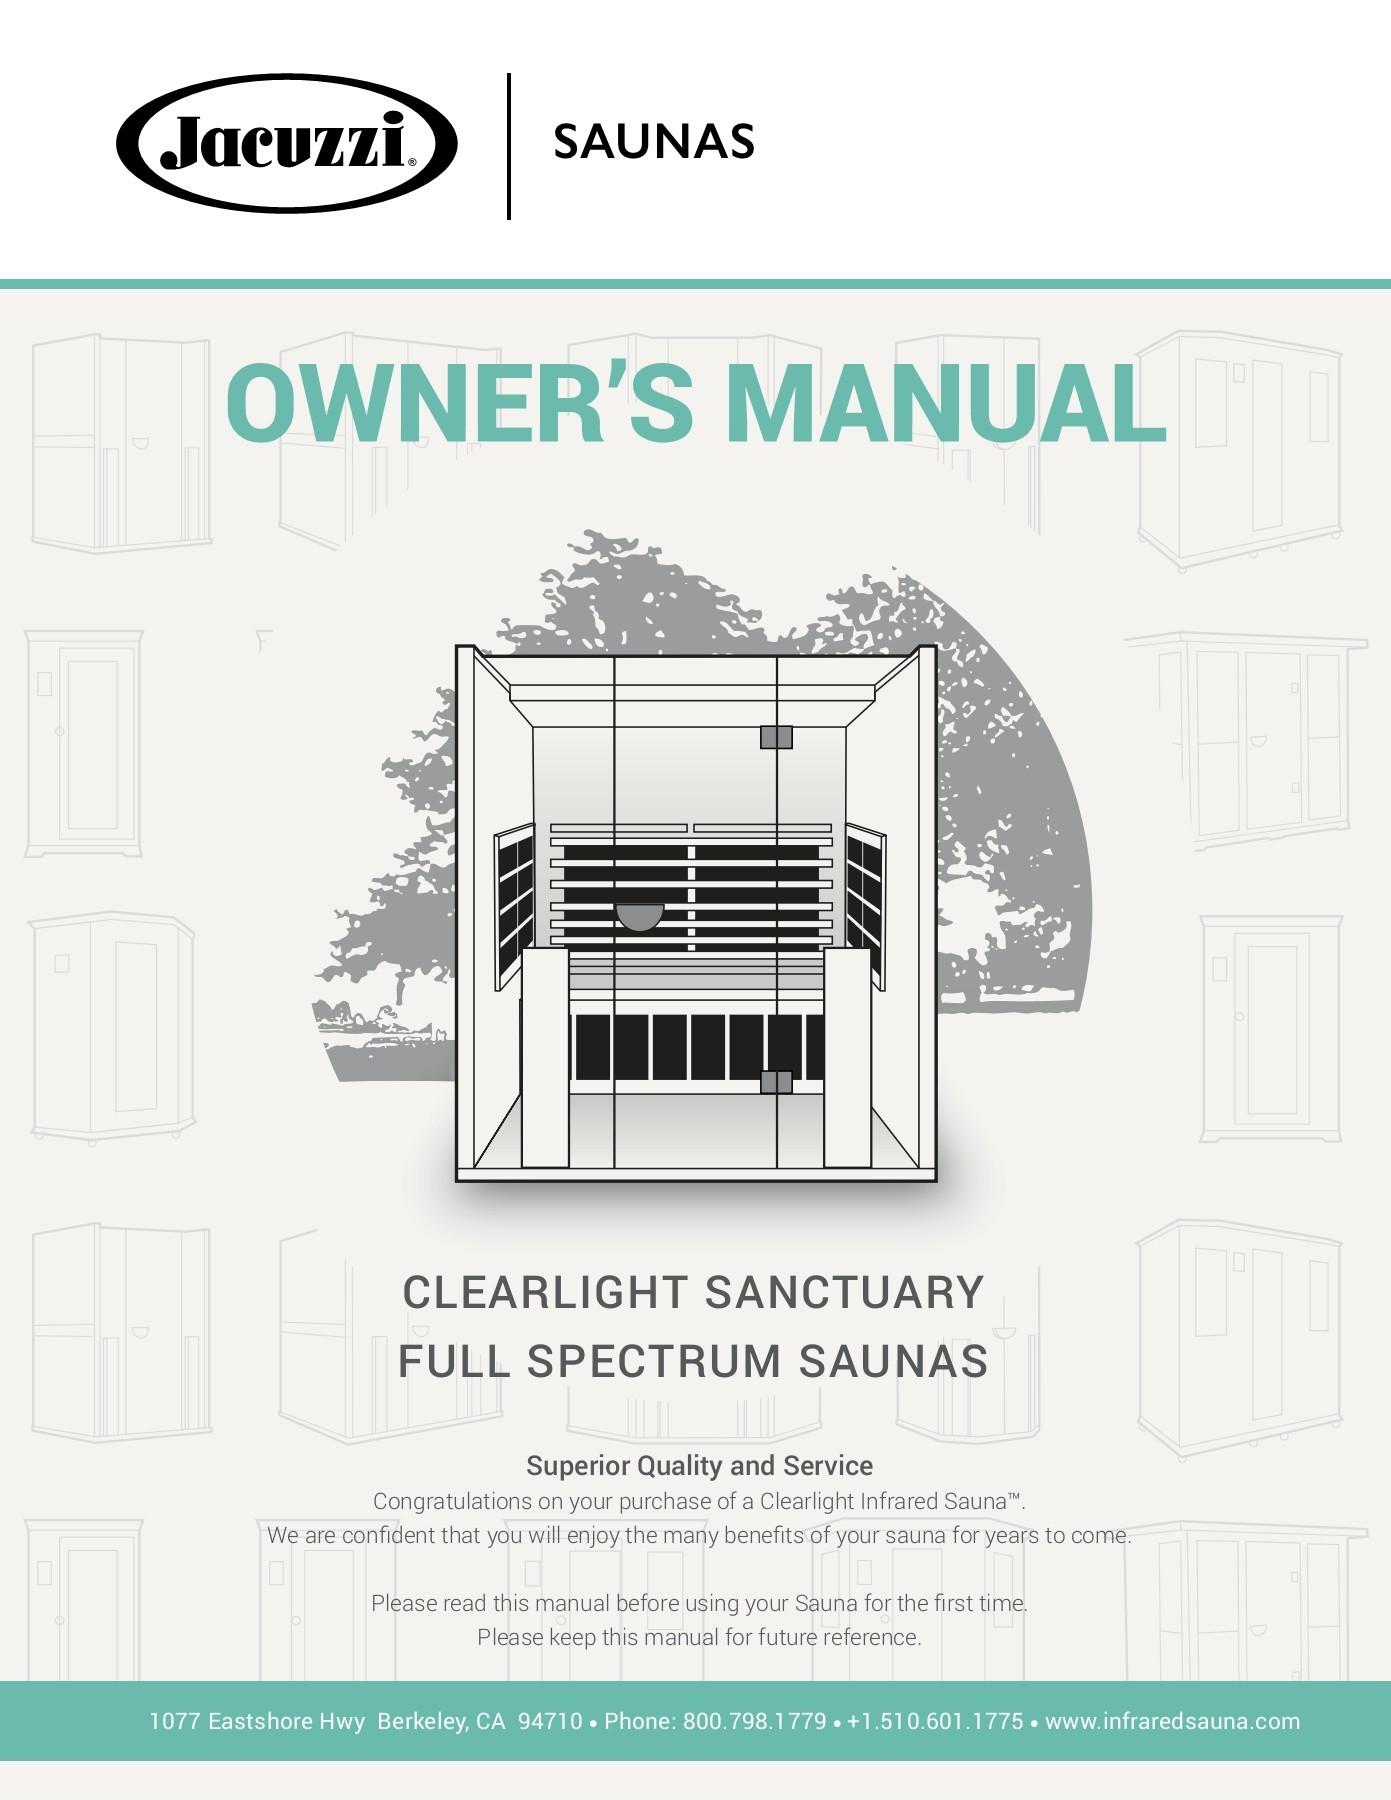 jacuzzi saunas sanctuary owner s manual pages 1 50 text version fliphtml5 [ 1391 x 1800 Pixel ]